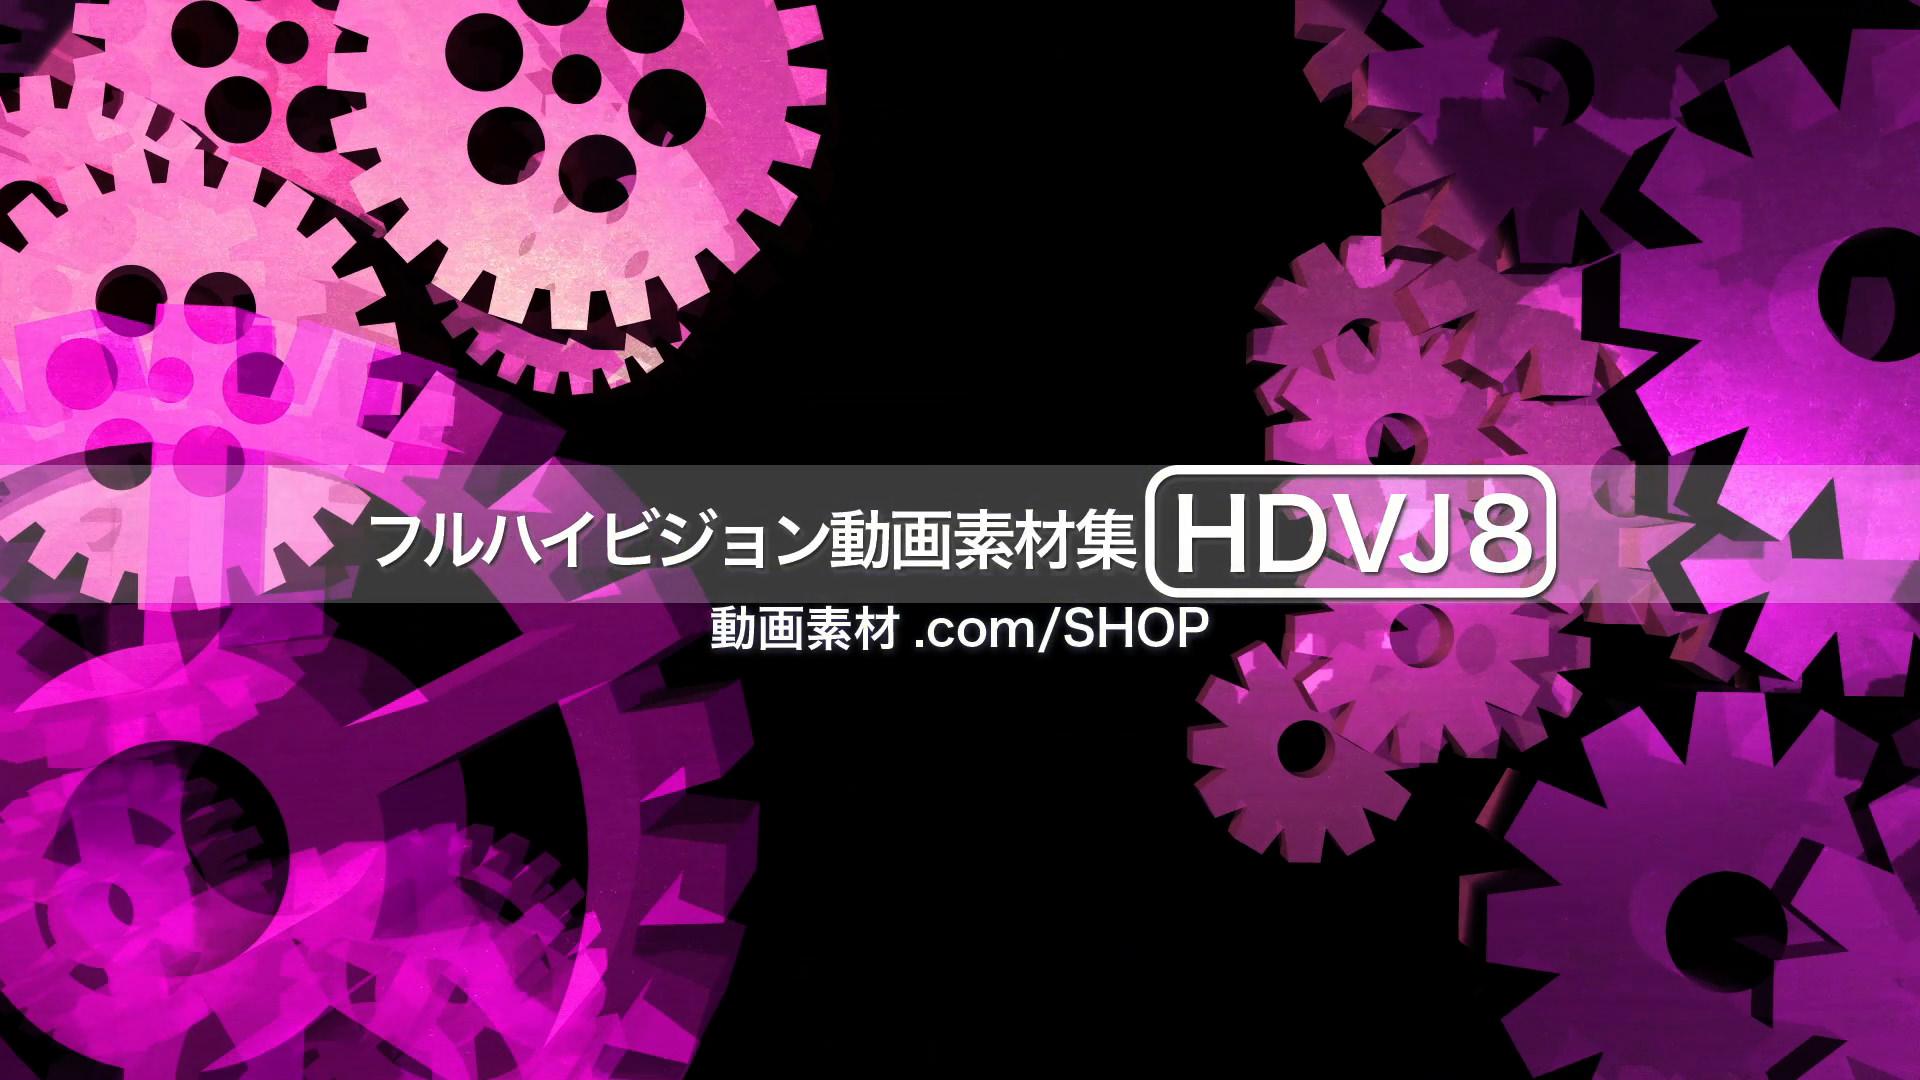 HDVJ8_04